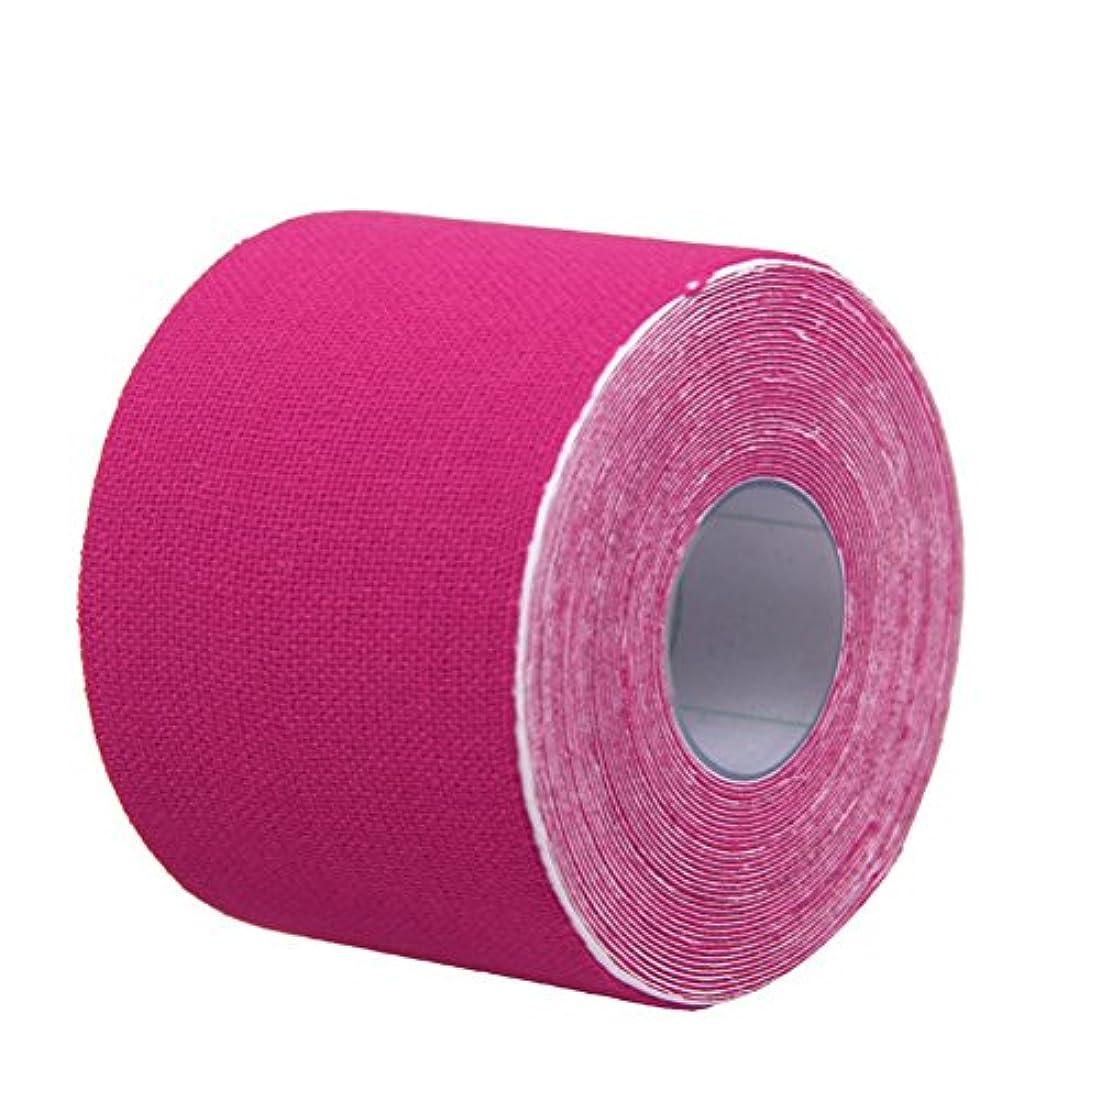 ダルセット記憶香りROSENICE キネシオロジーテープセットセラピースポーツフィジオセラピー500x2.5cm(ピンク)